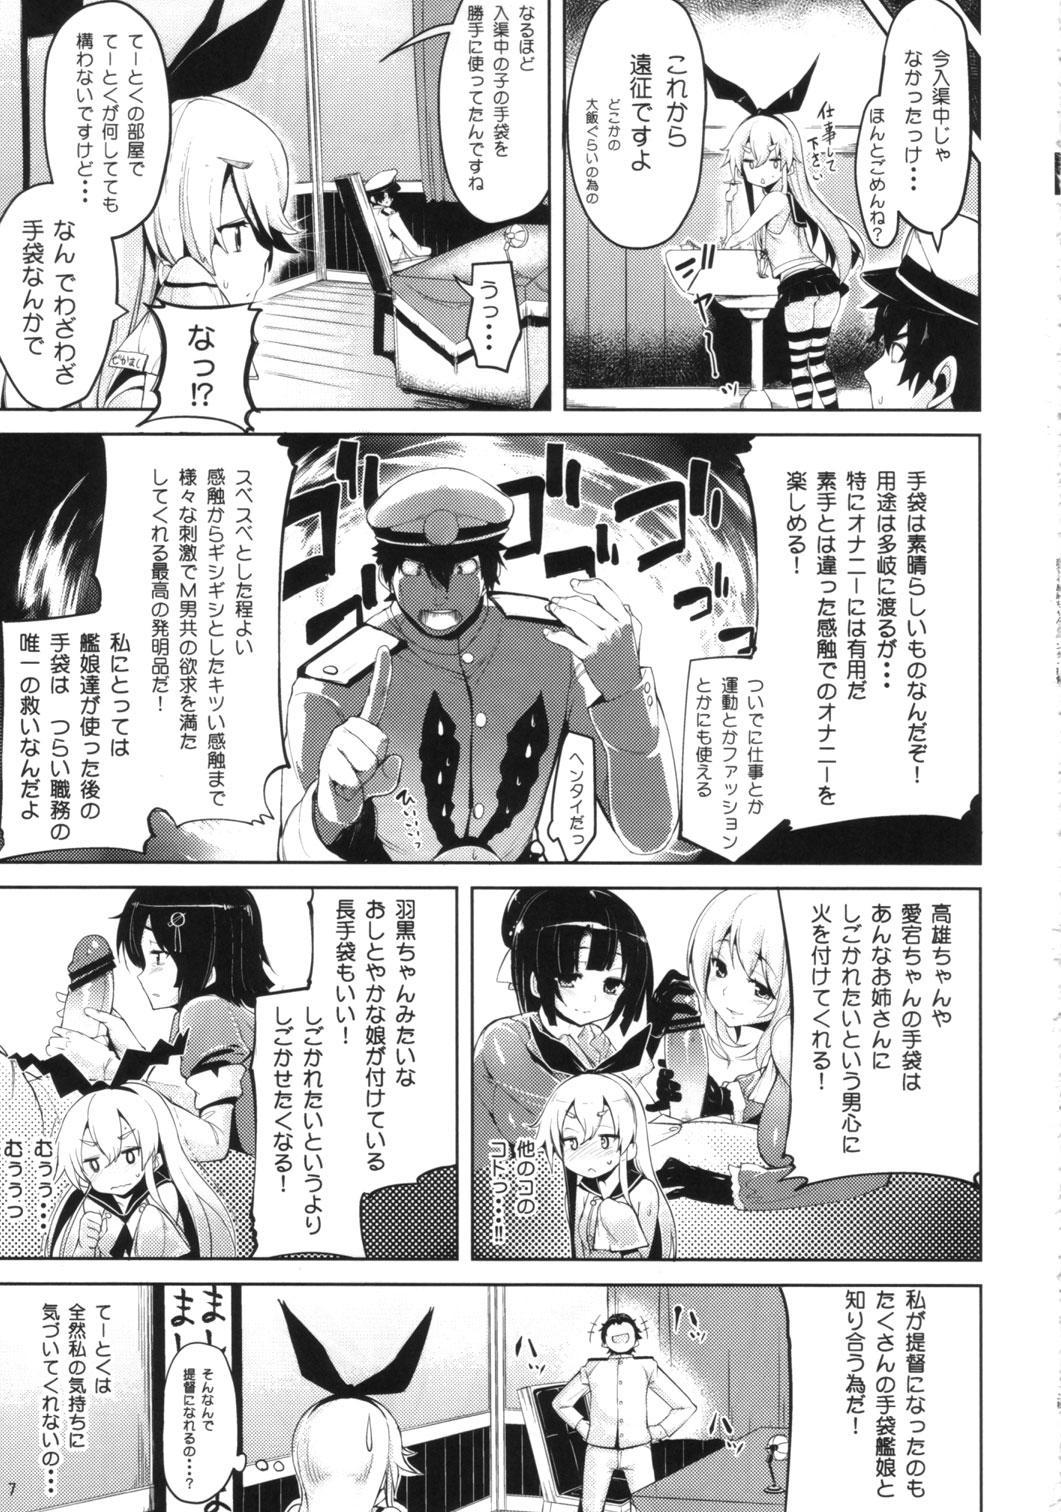 Koisuru Shimakaze-chan to Hentai Teitoku 5